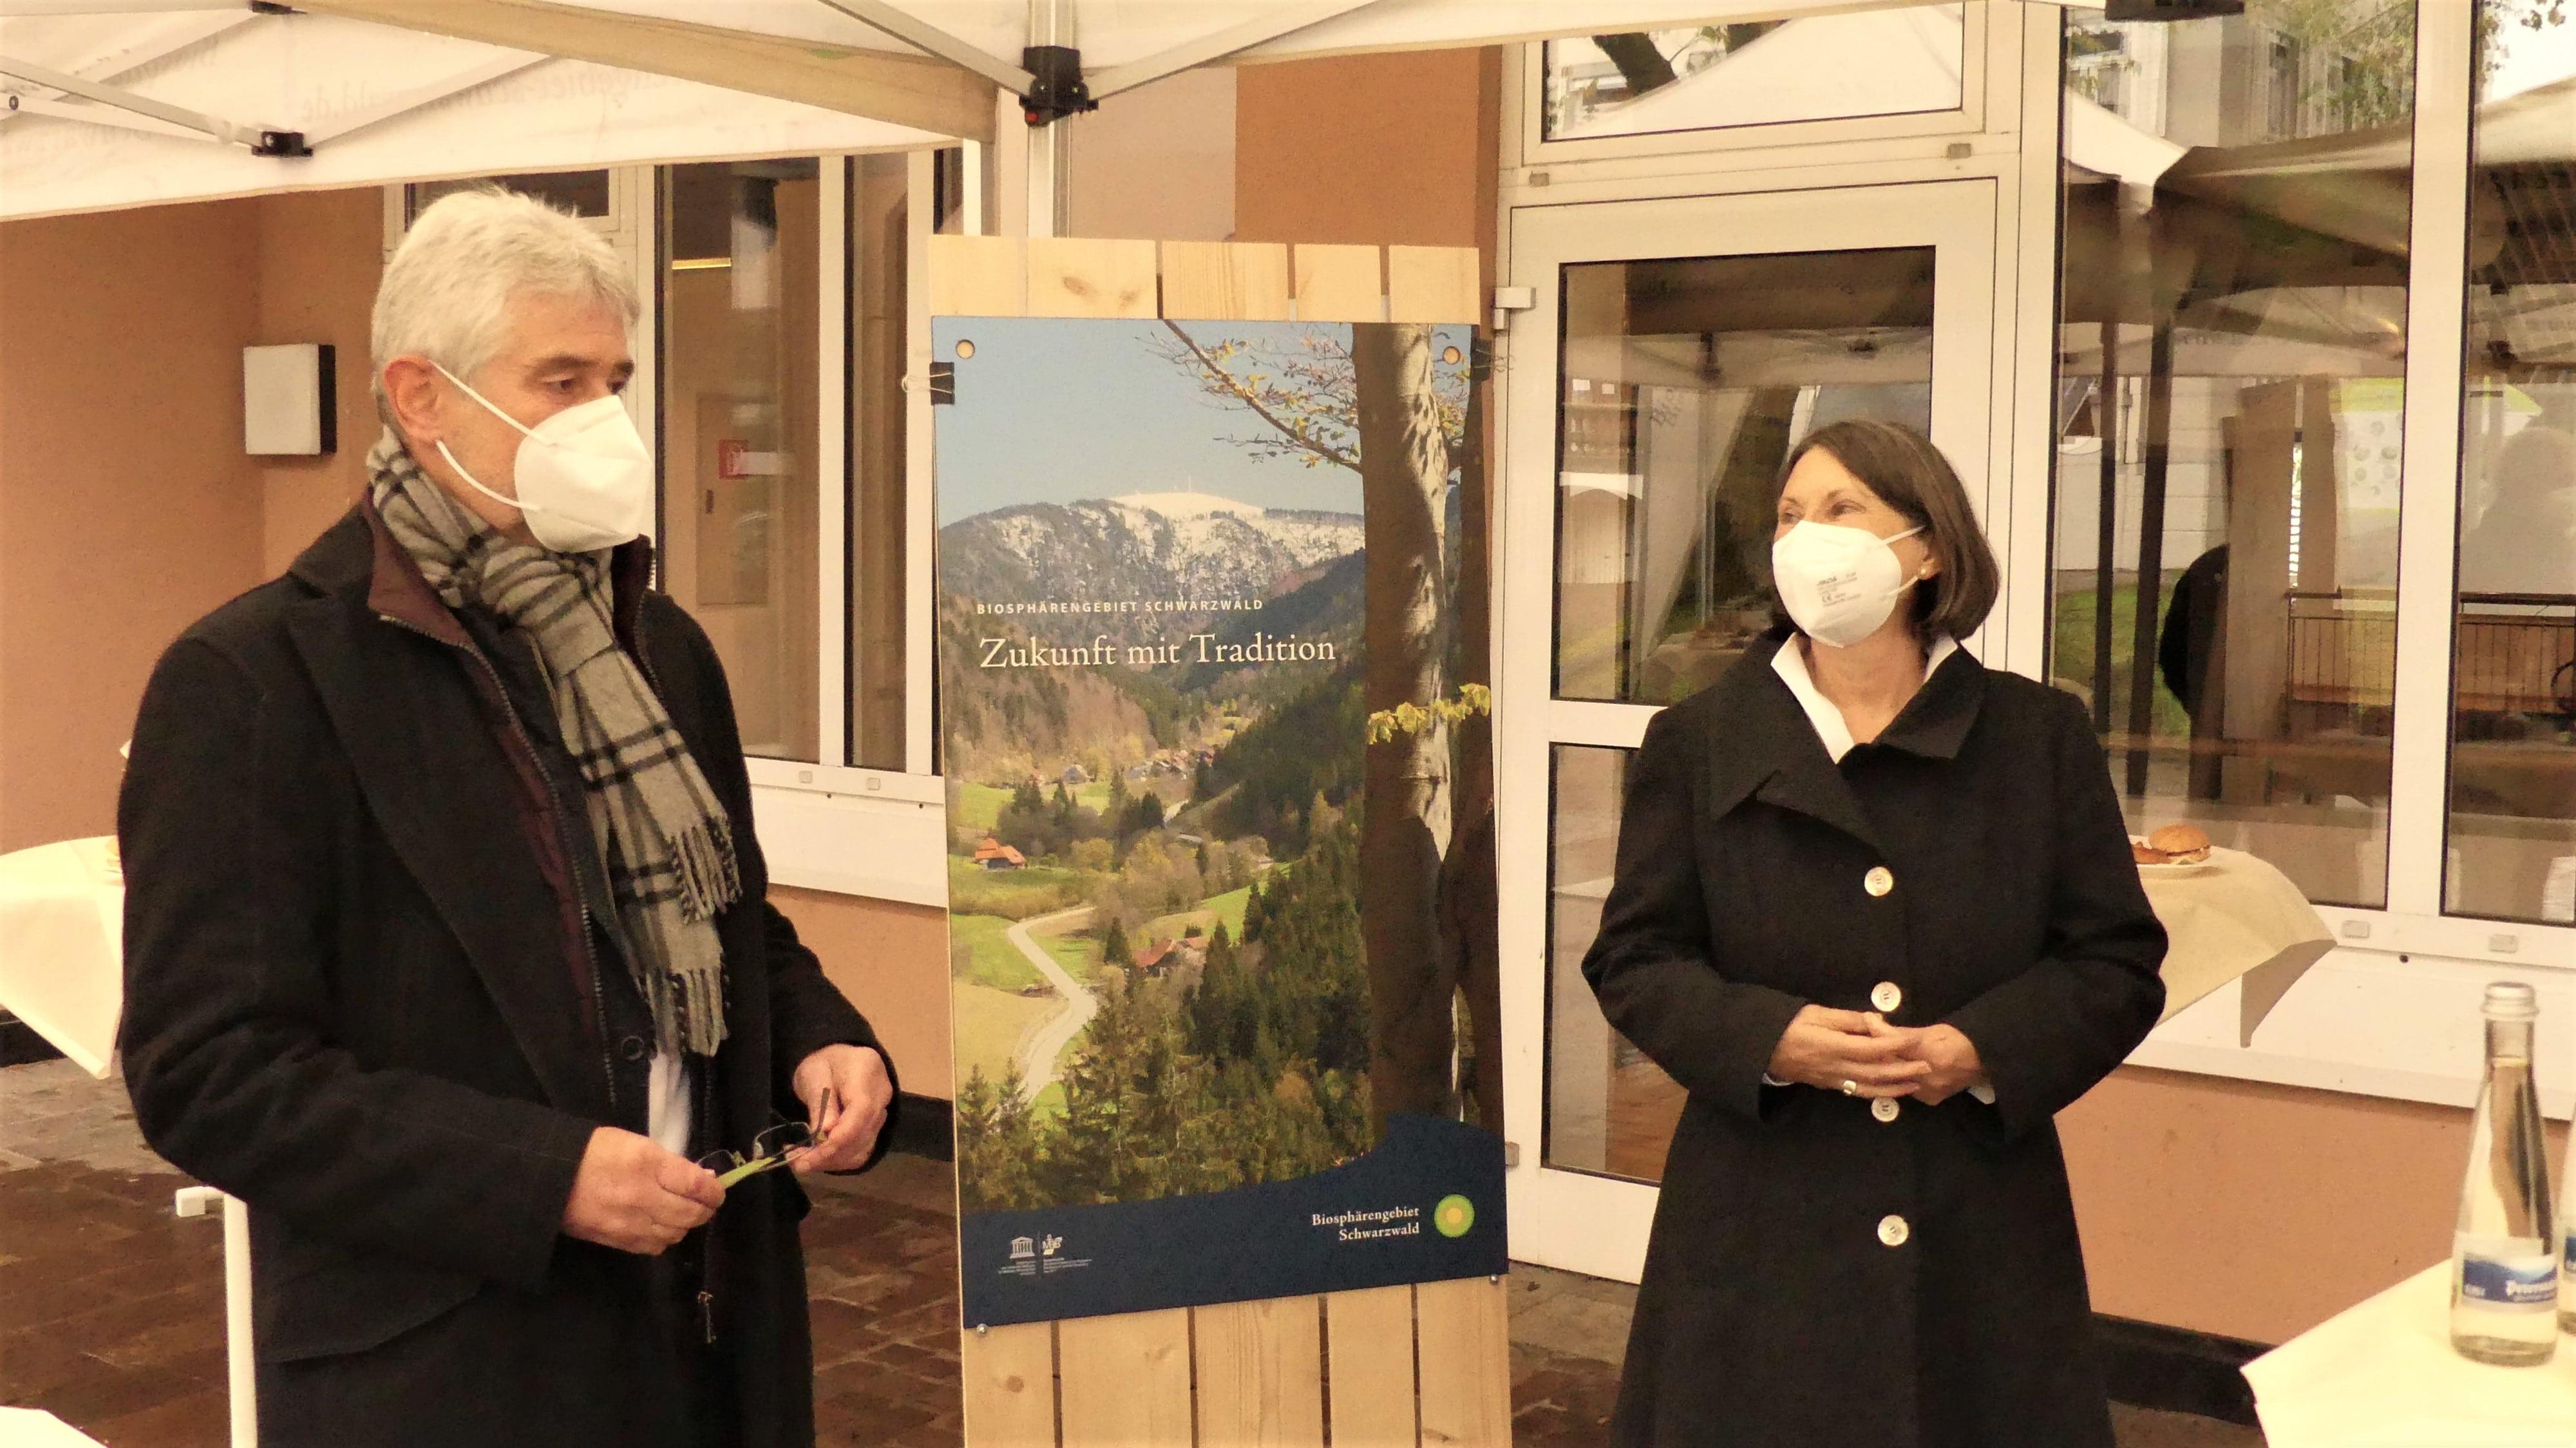 Regierungspräsidentin Bärbel Schäfer eröffnet dezentrale Infostelle des Biosphärengebiets Schwarzwald in Wehr